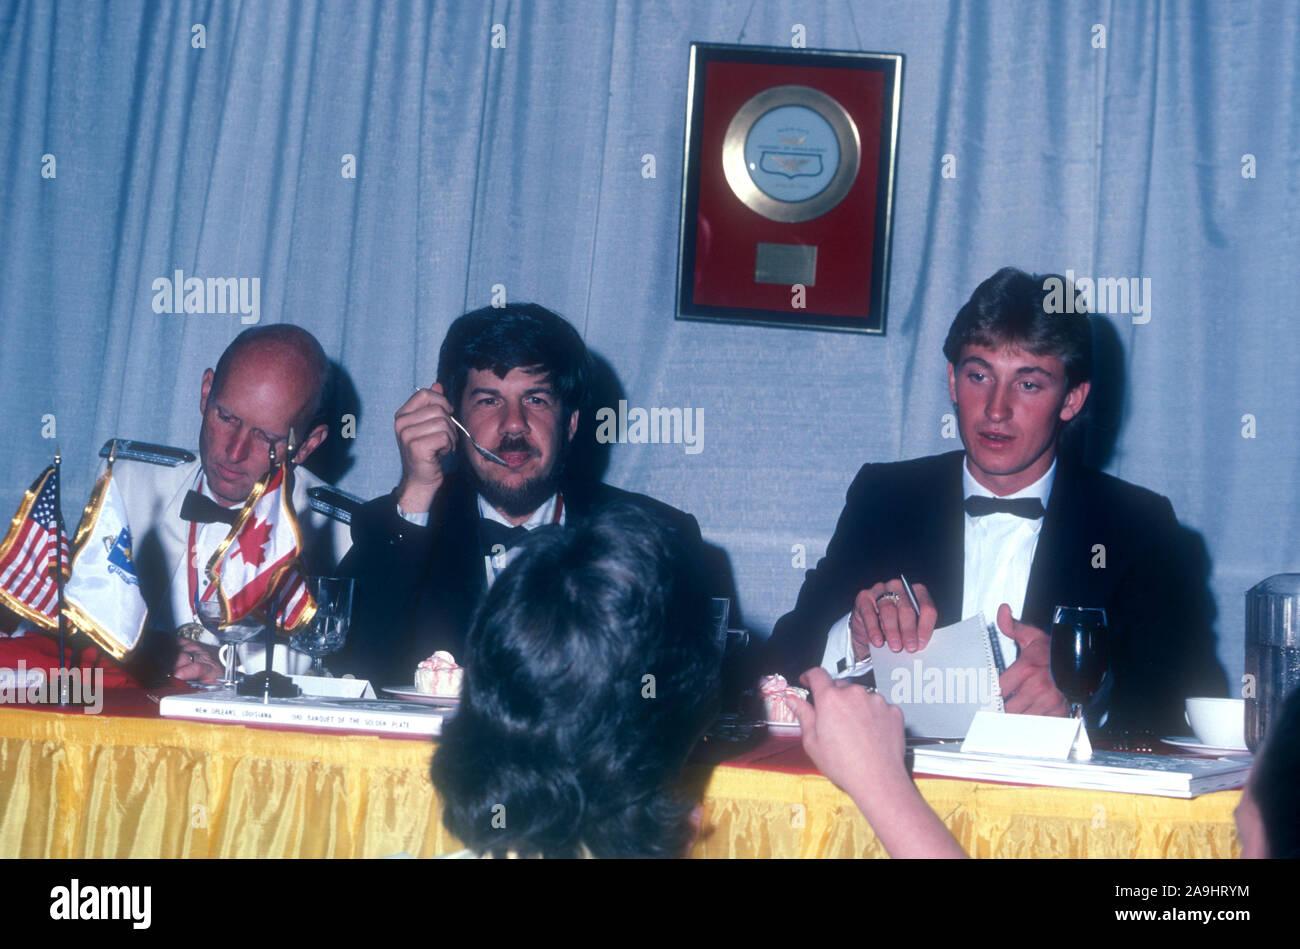 NEW ORLEANS, LA - 24 de junio: El Coronel C. Gordon Fullerton, el Dr. Stephen Jay Gould y jugador de hockey Wayne Gretzky sentarse en una mesa durante 1982 la Academia de Logros Premios placa de oro el 24 de junio de 1982 en Nueva Orleans, Luisiana. (Foto por Hy Peskin) *** Local Caption *** Gordon Fullerton;Stephen Jay Gould;Wayne Gretzky Foto de stock